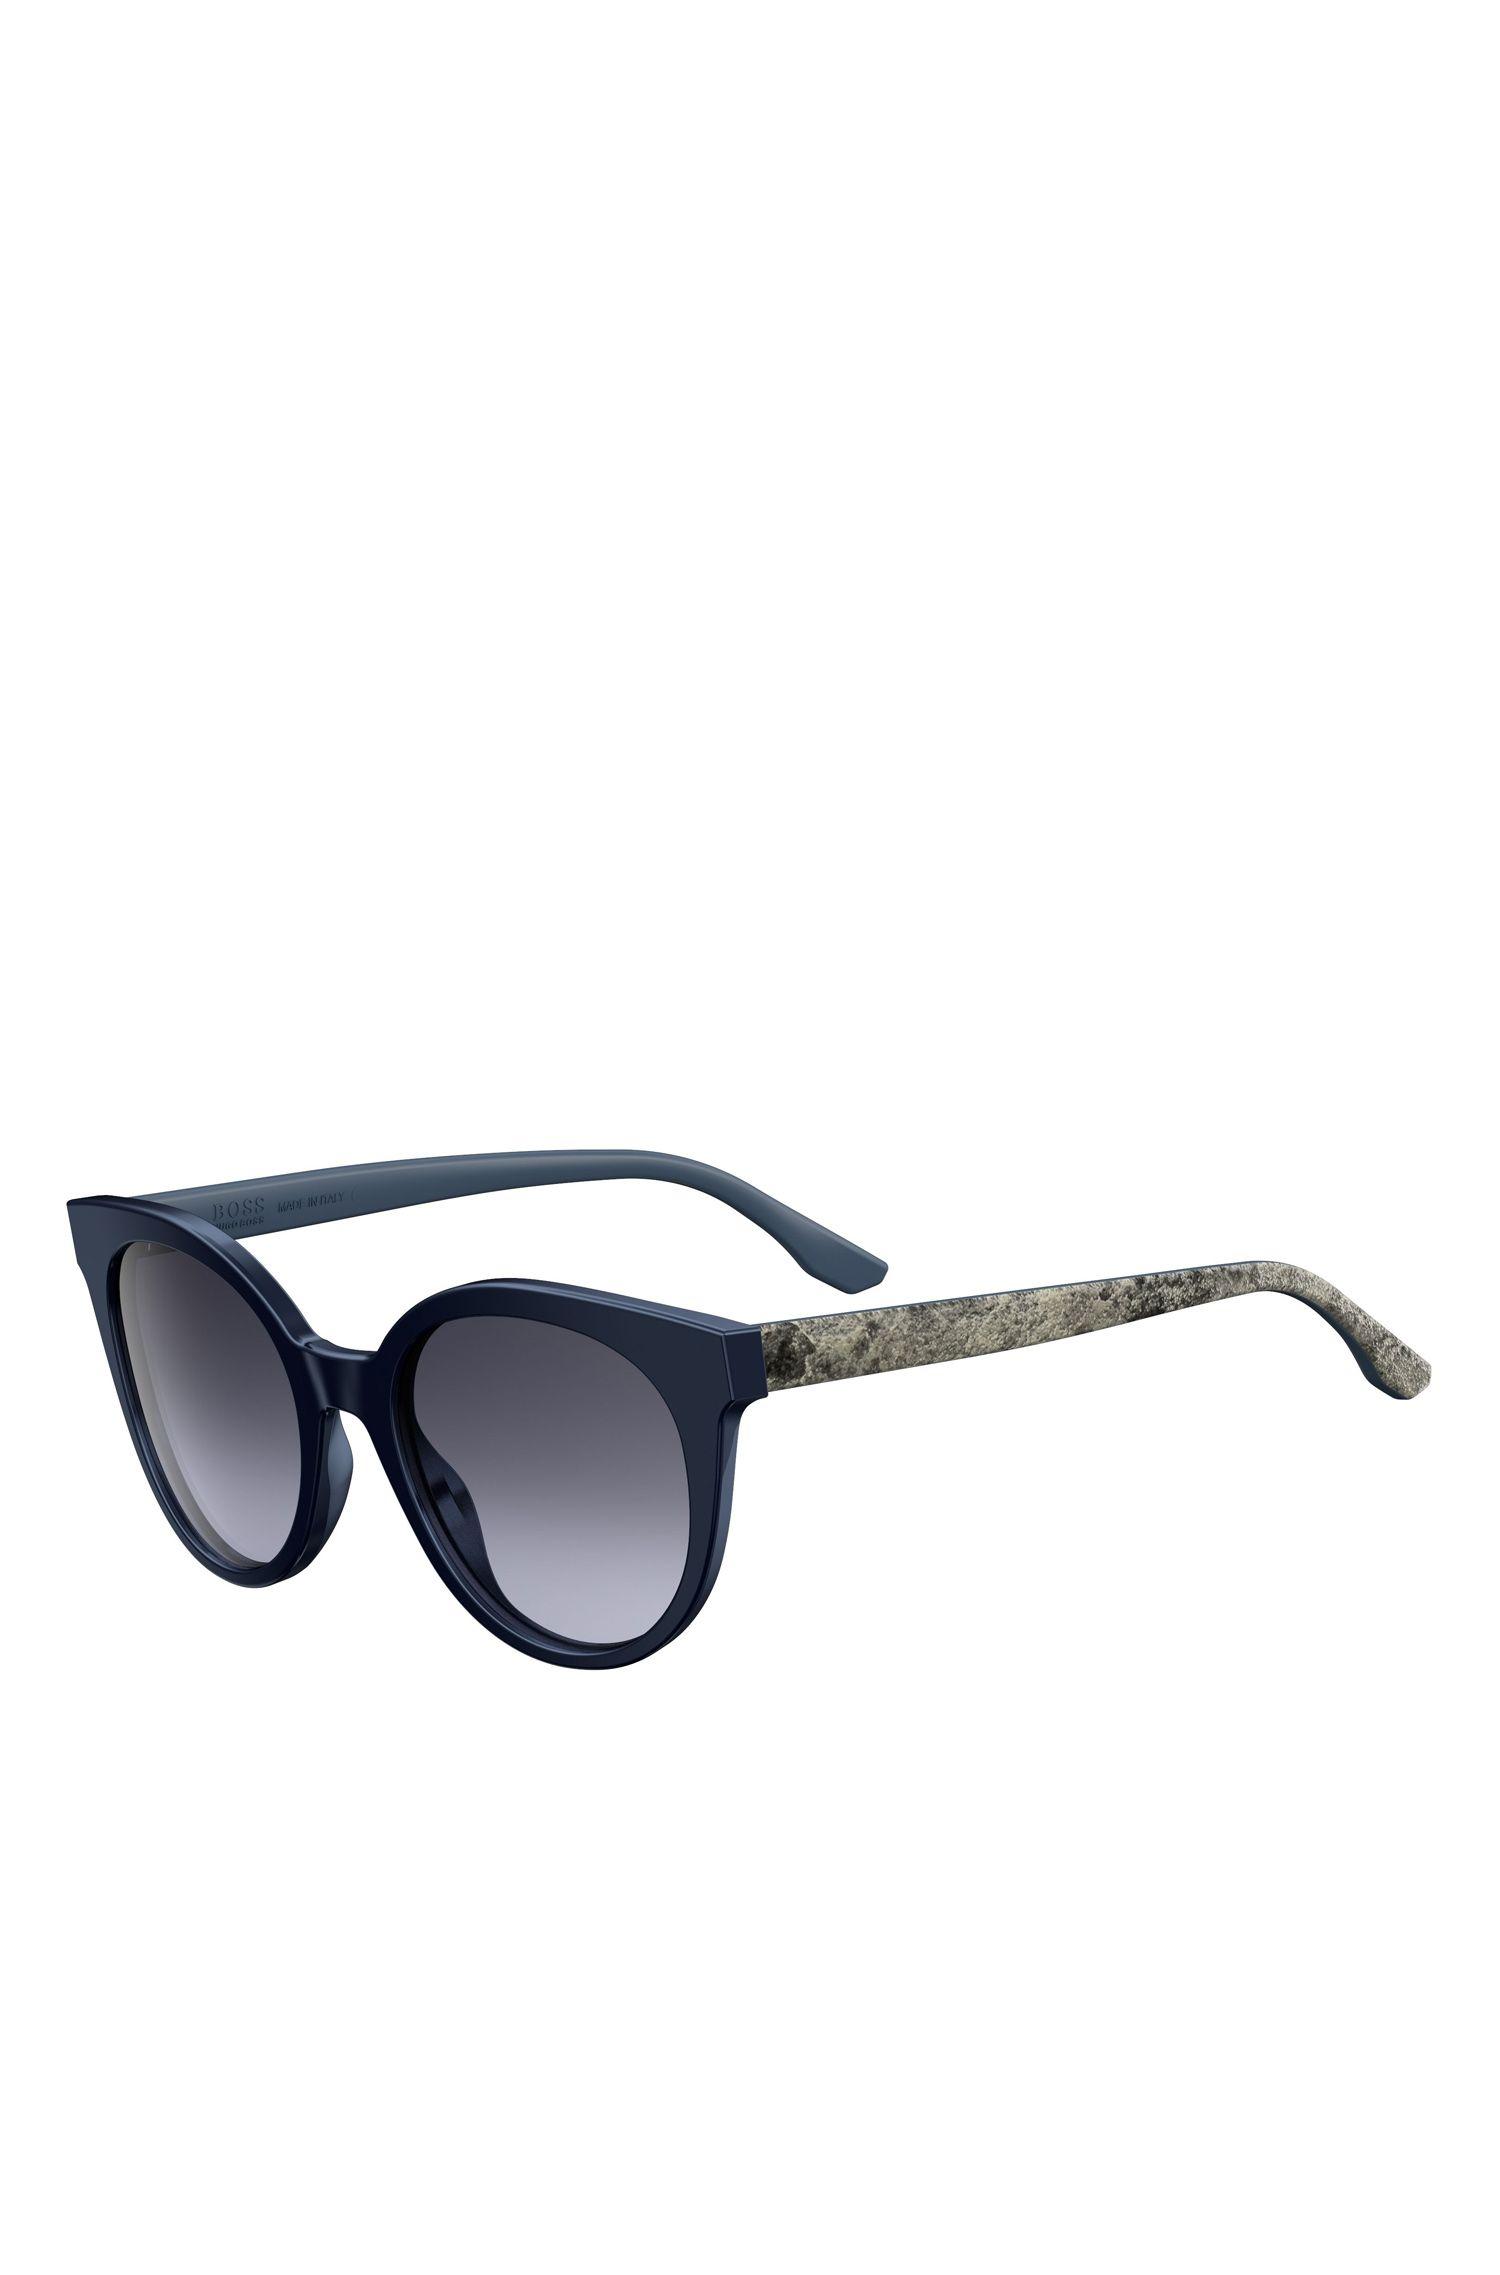 'BOSS 0890' | Tortoiseshell Acetate Round Sunglasses